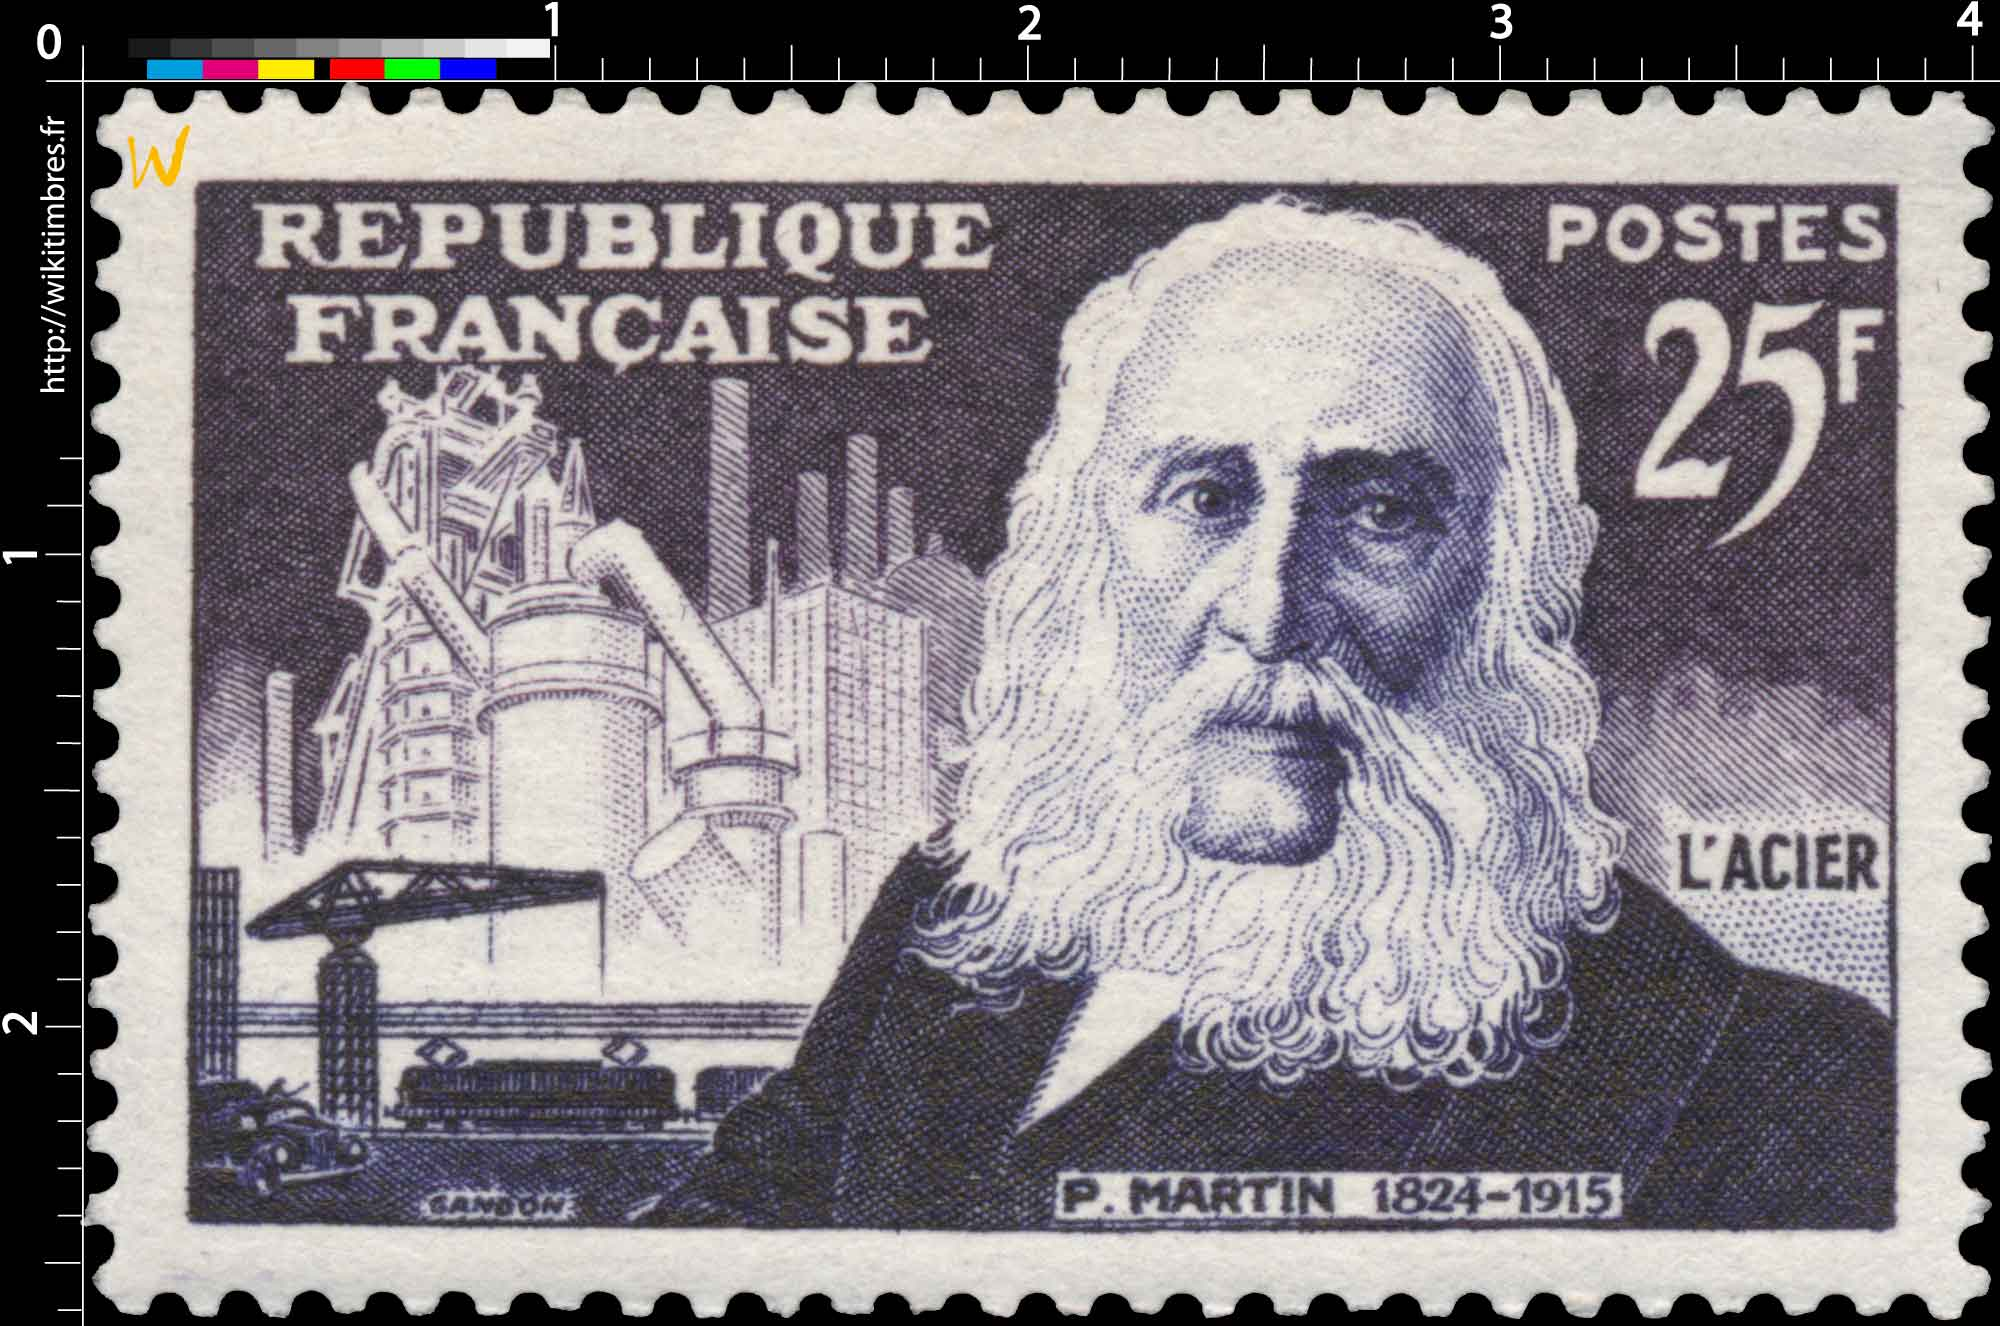 L'ACIER P. MARTIN 1824-1915